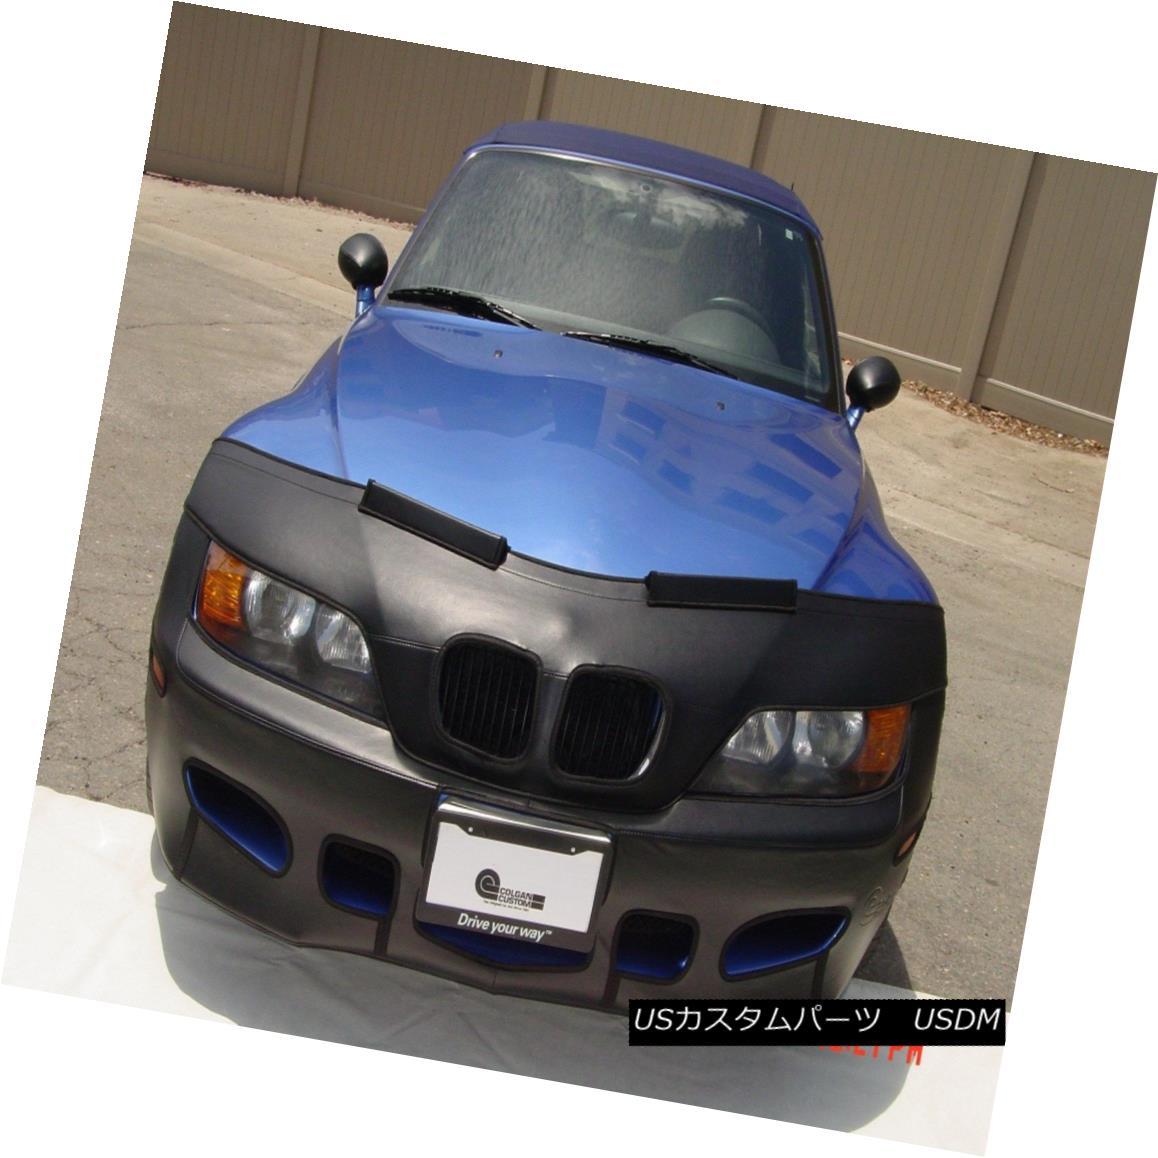 フルブラ ノーズブラ Colgan Front End Mask Bra 2pc. Fits BMW Z3 3.2 98-2002 Without License Plate コルガンフロントエンドマスクブラ2pc BMW Z3 3.2 98-2002(ライセンスプレートなし)に適合